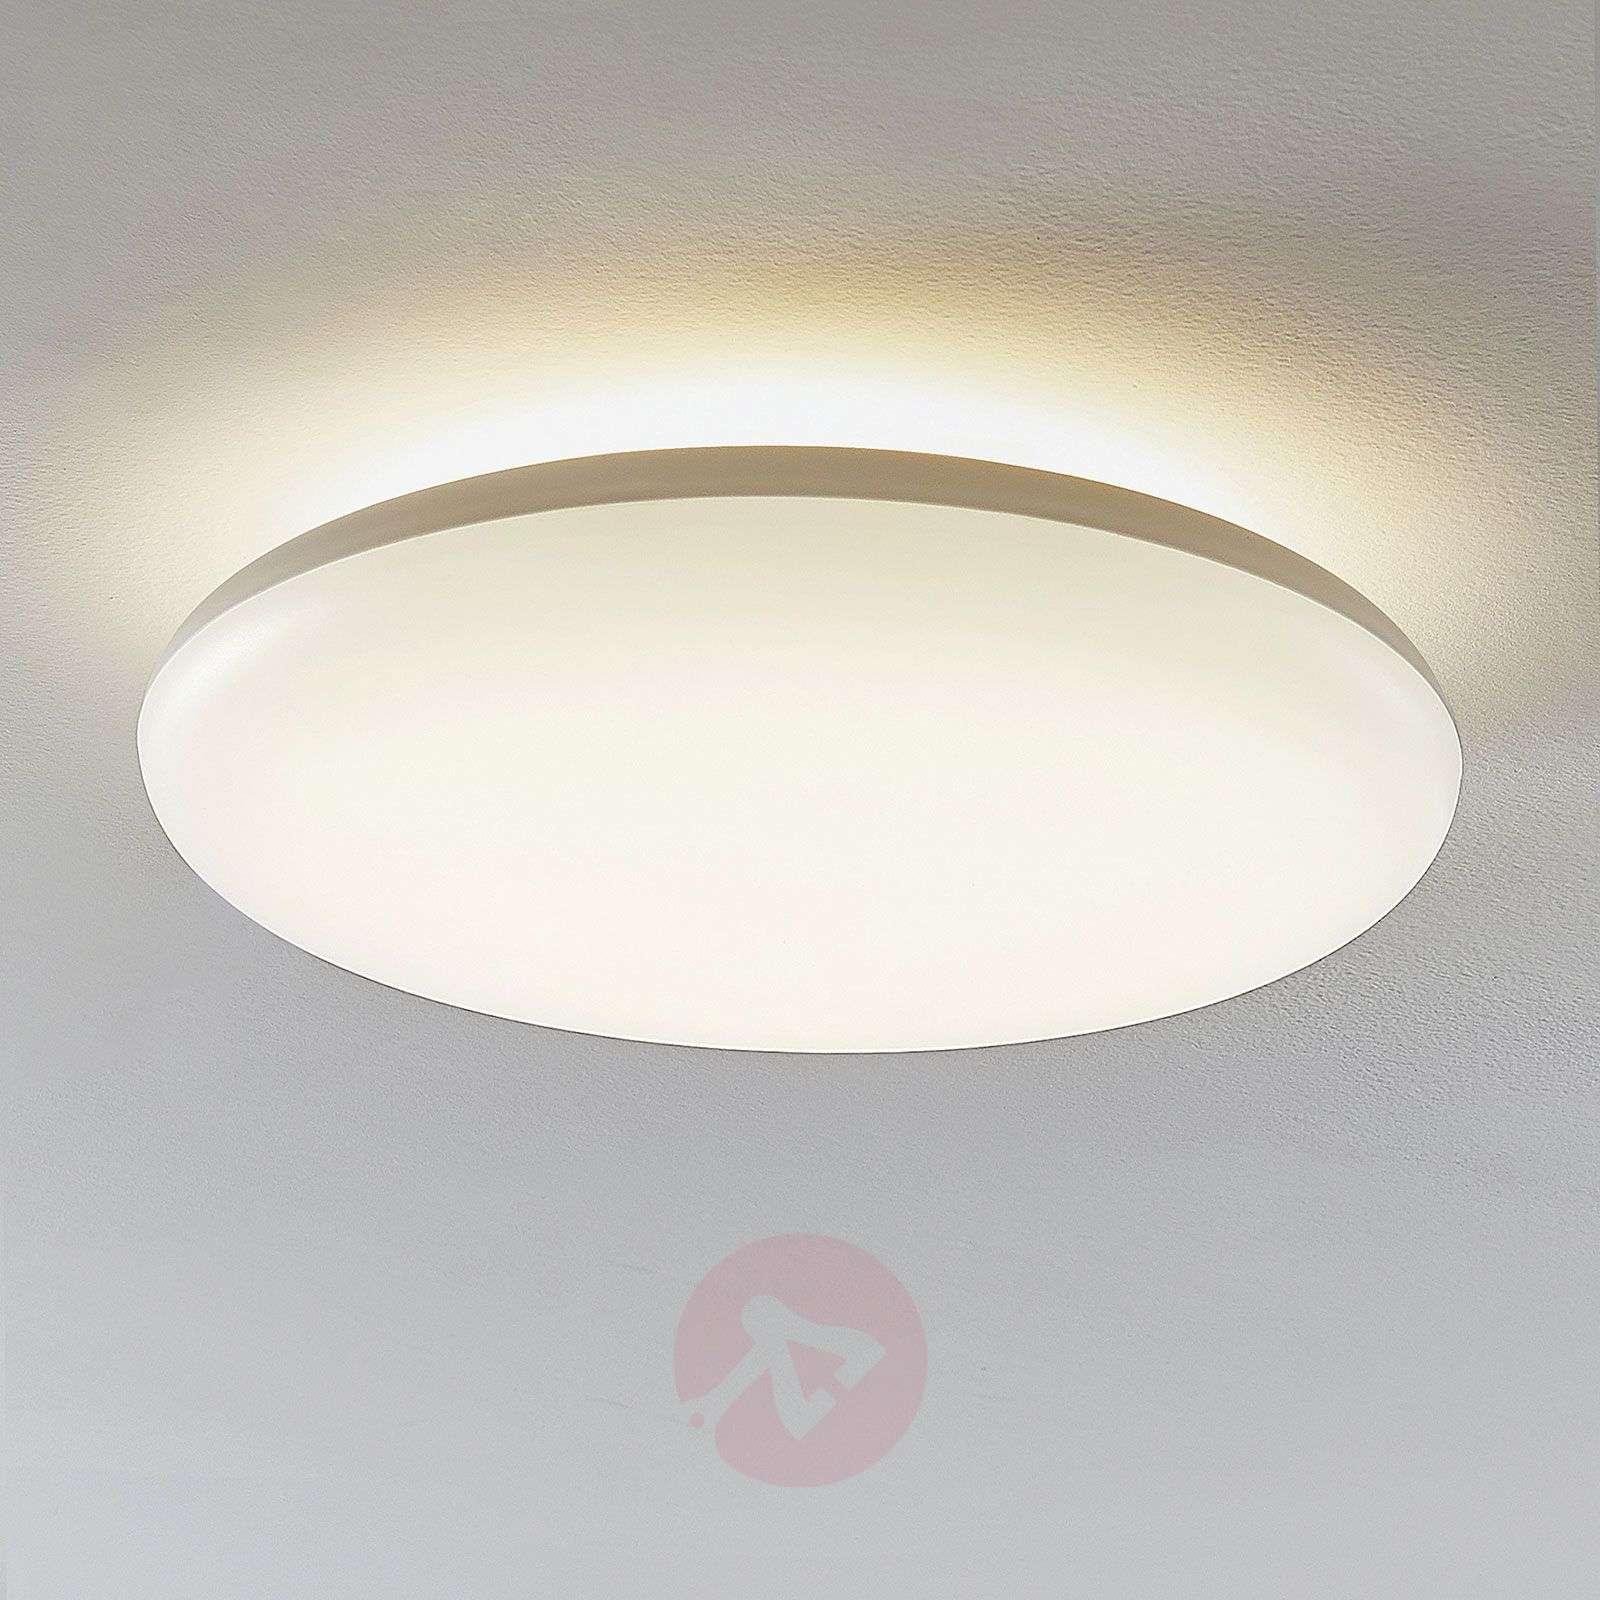 LED-kattovalo Kirian pyöreä 4000K himmennettävä-9642021-02